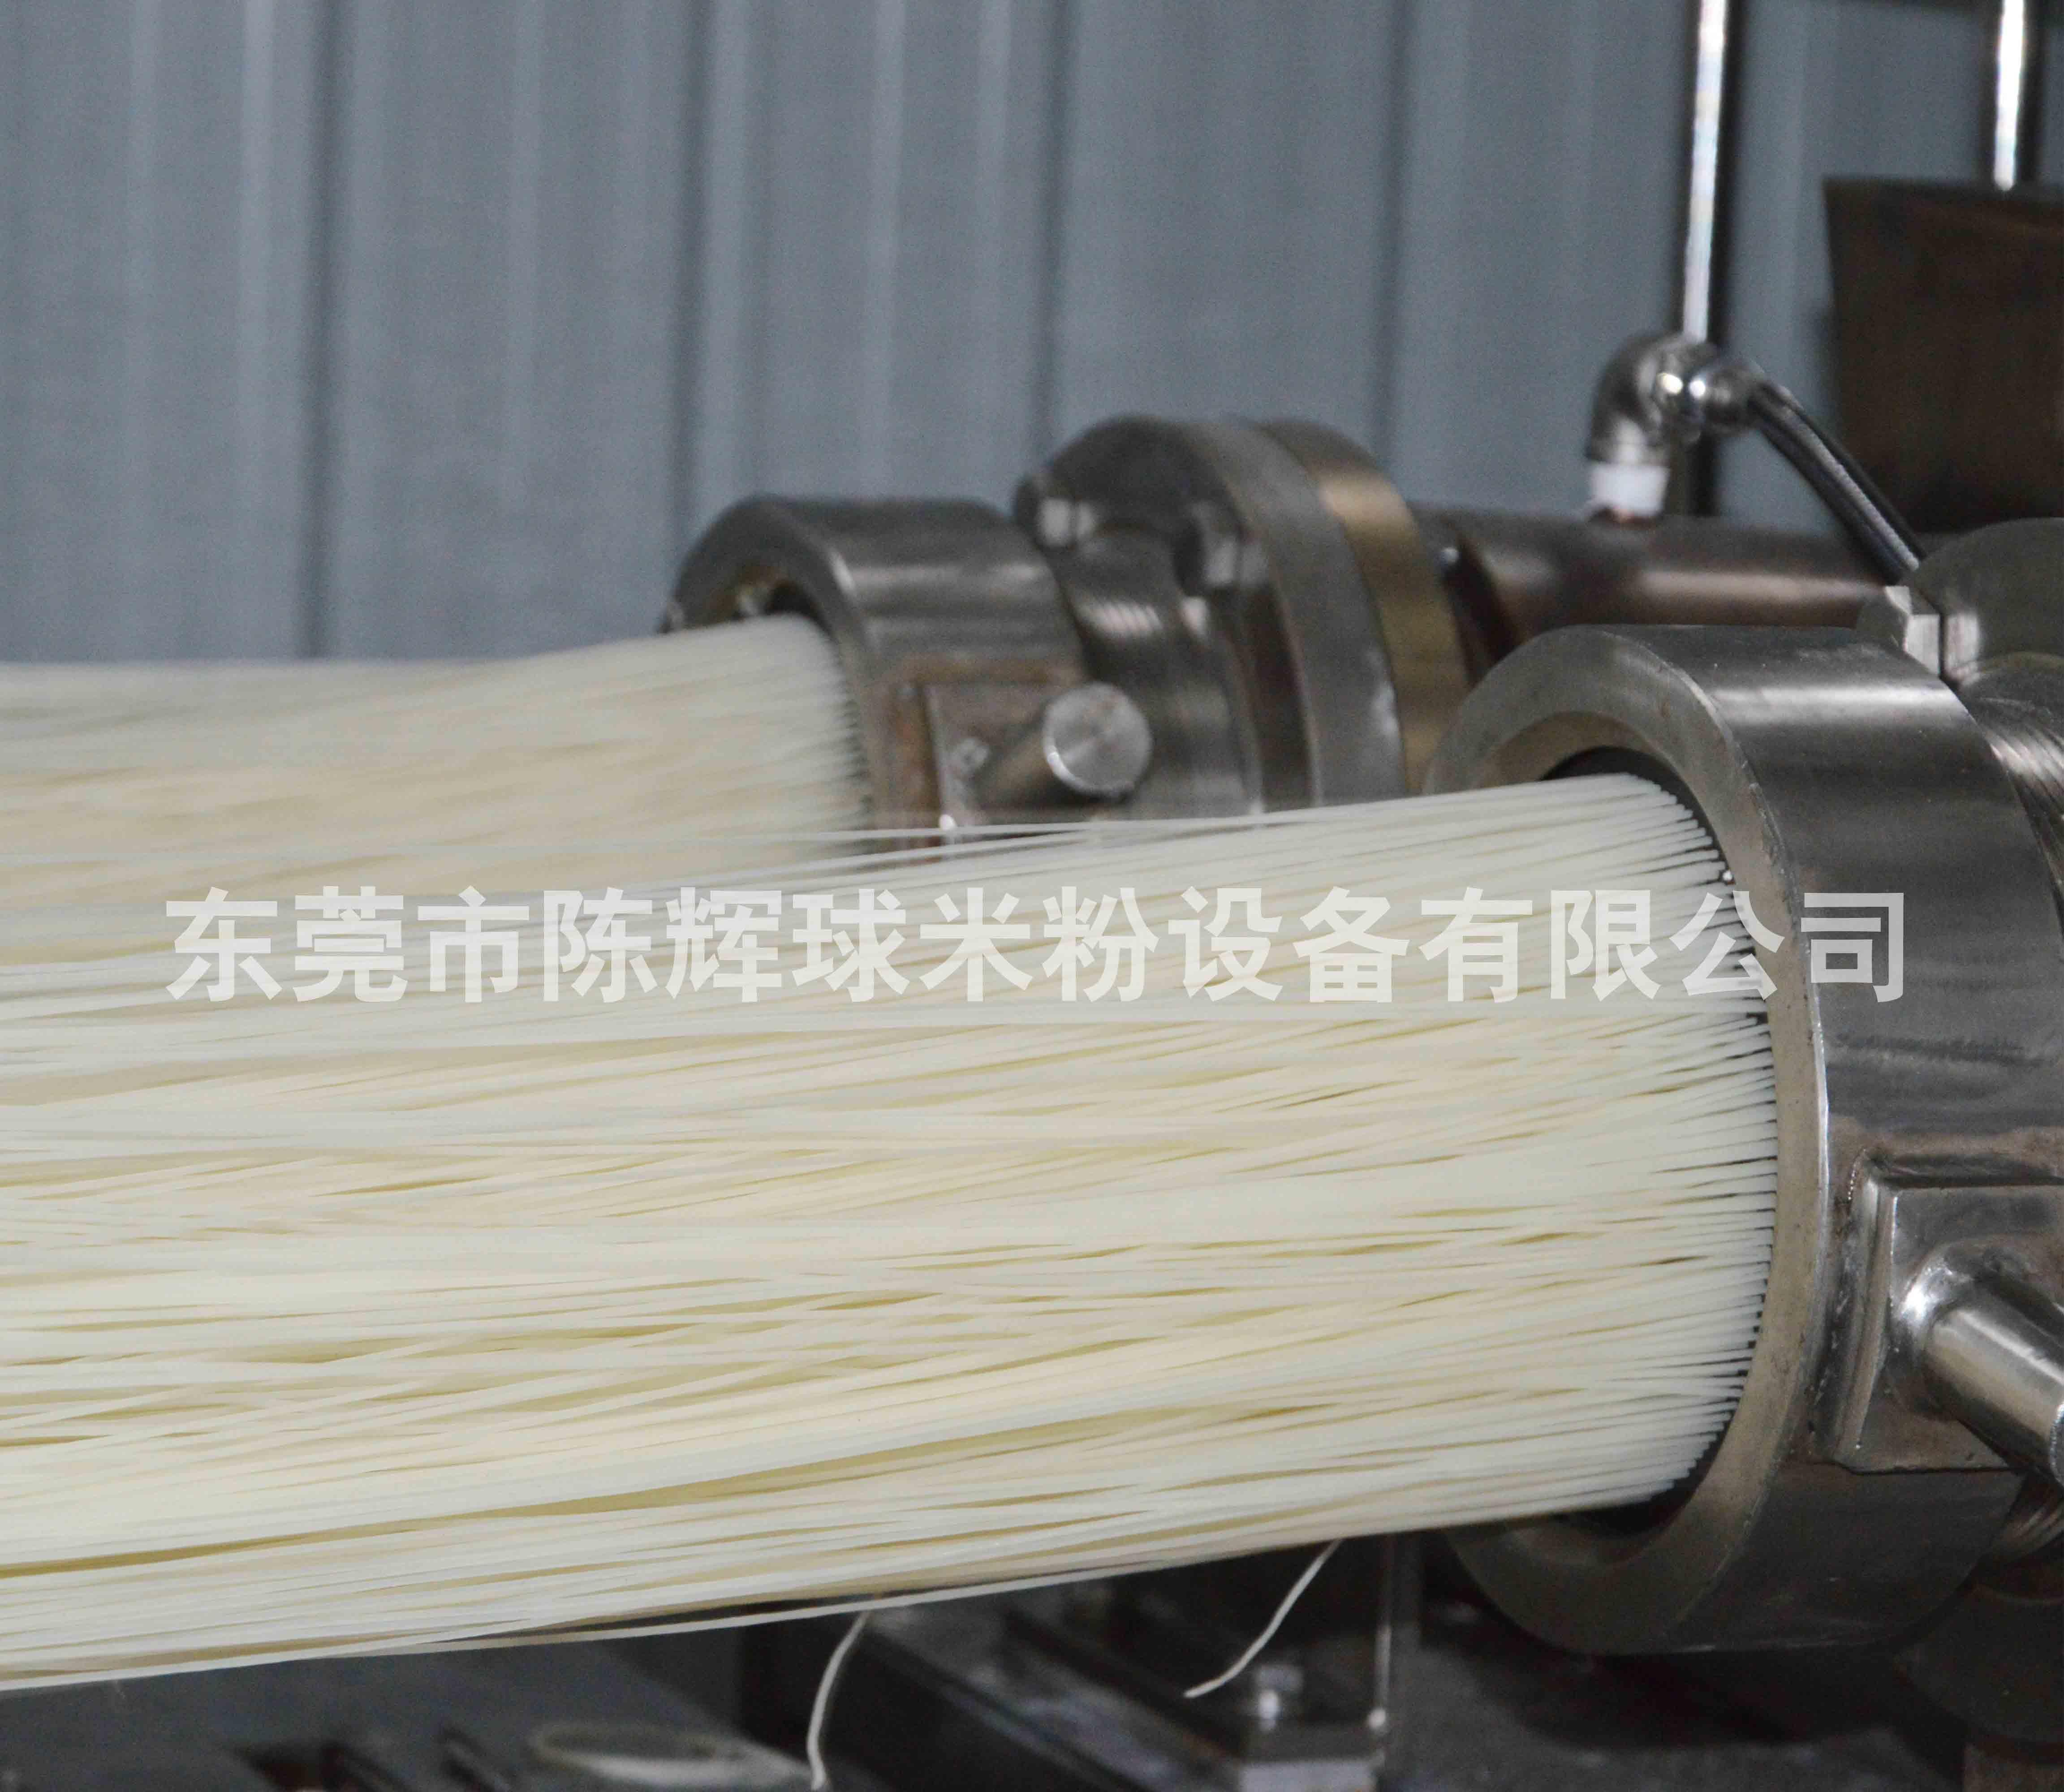 你对目前的米粉设备了解有多少呢?